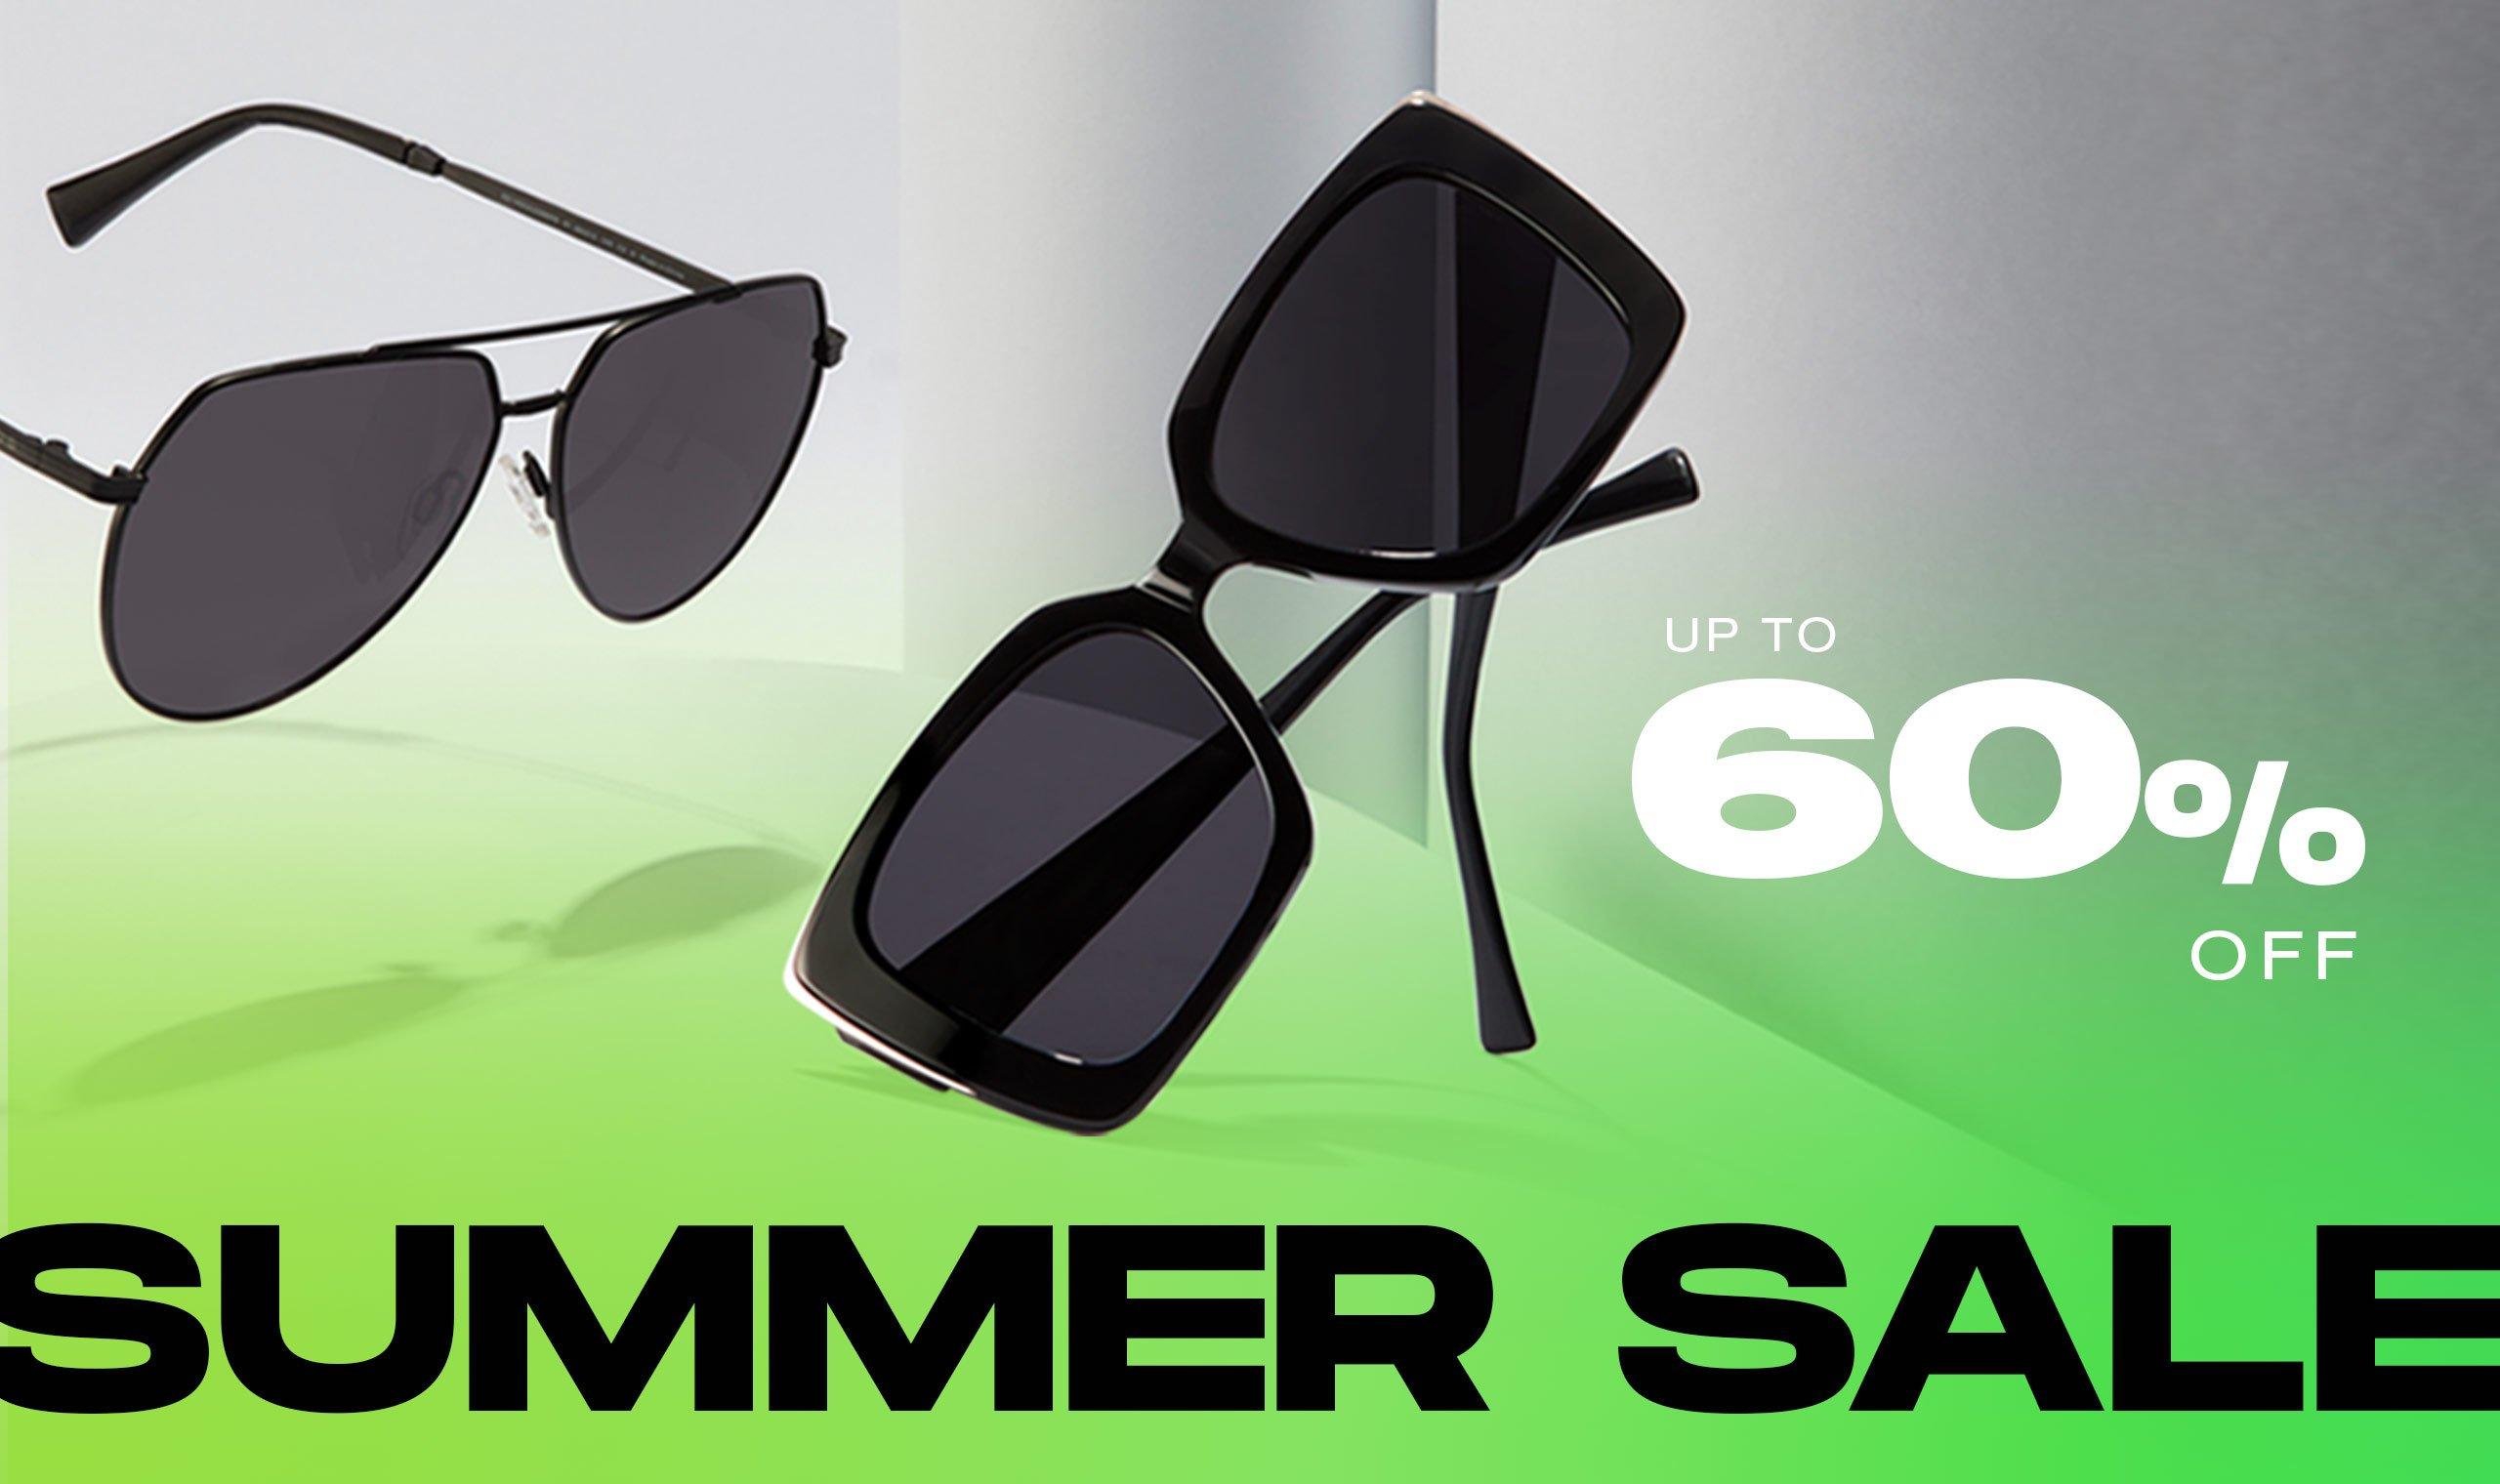 Hawkers - Sonnenbrillen mit bis zu 60% Rabatt - VSK frei ab 50€